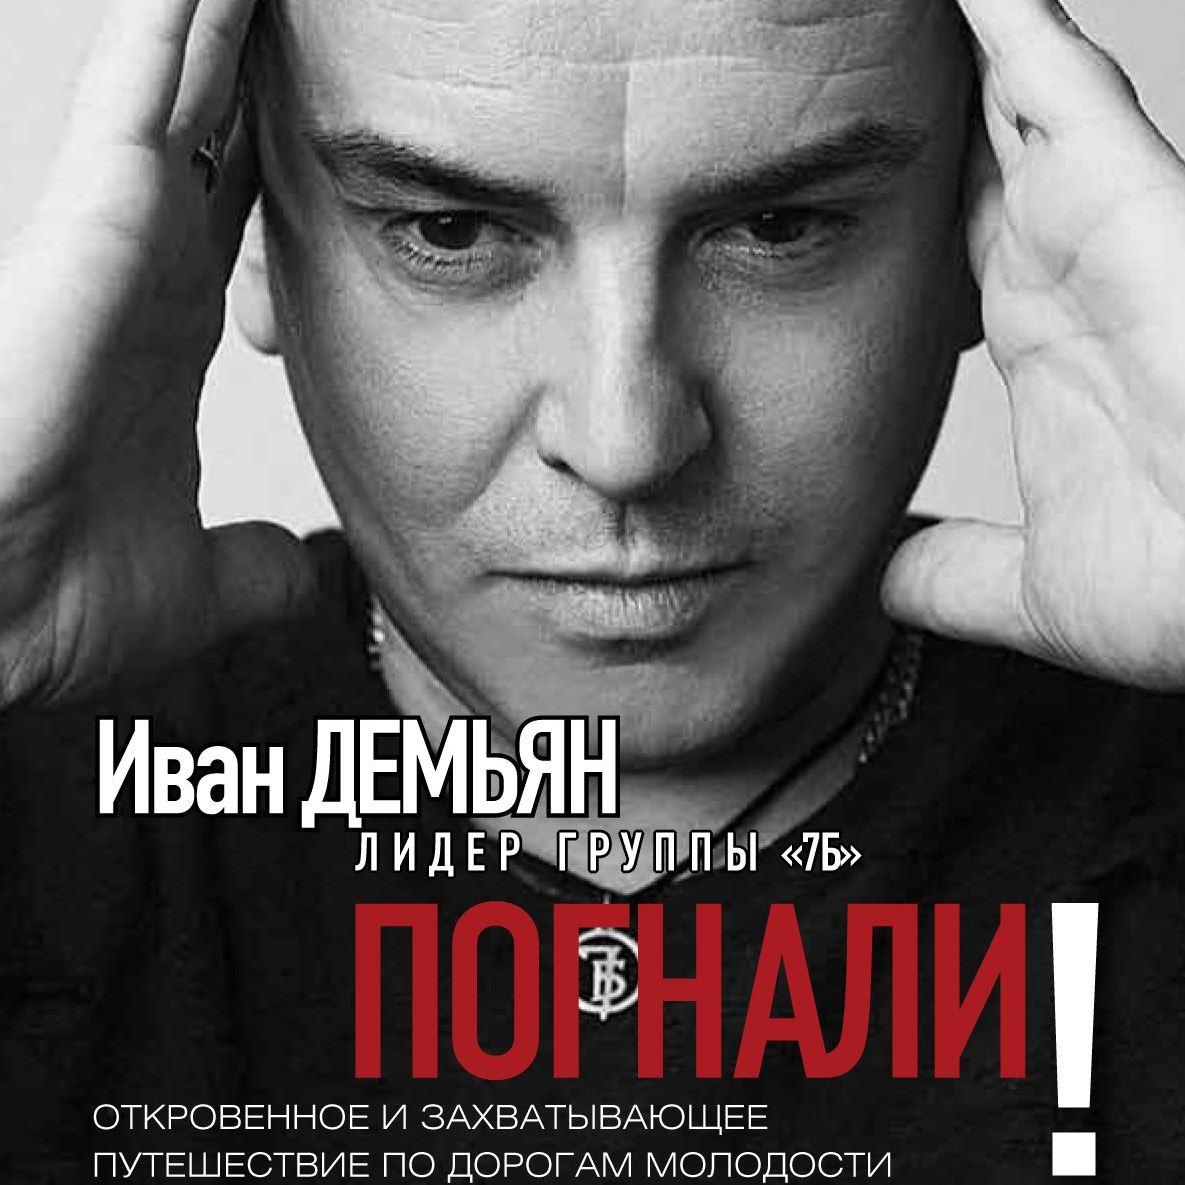 """Иван Демьян описал """"откровенное и захватывающее путешествие по дорогам молодости"""""""